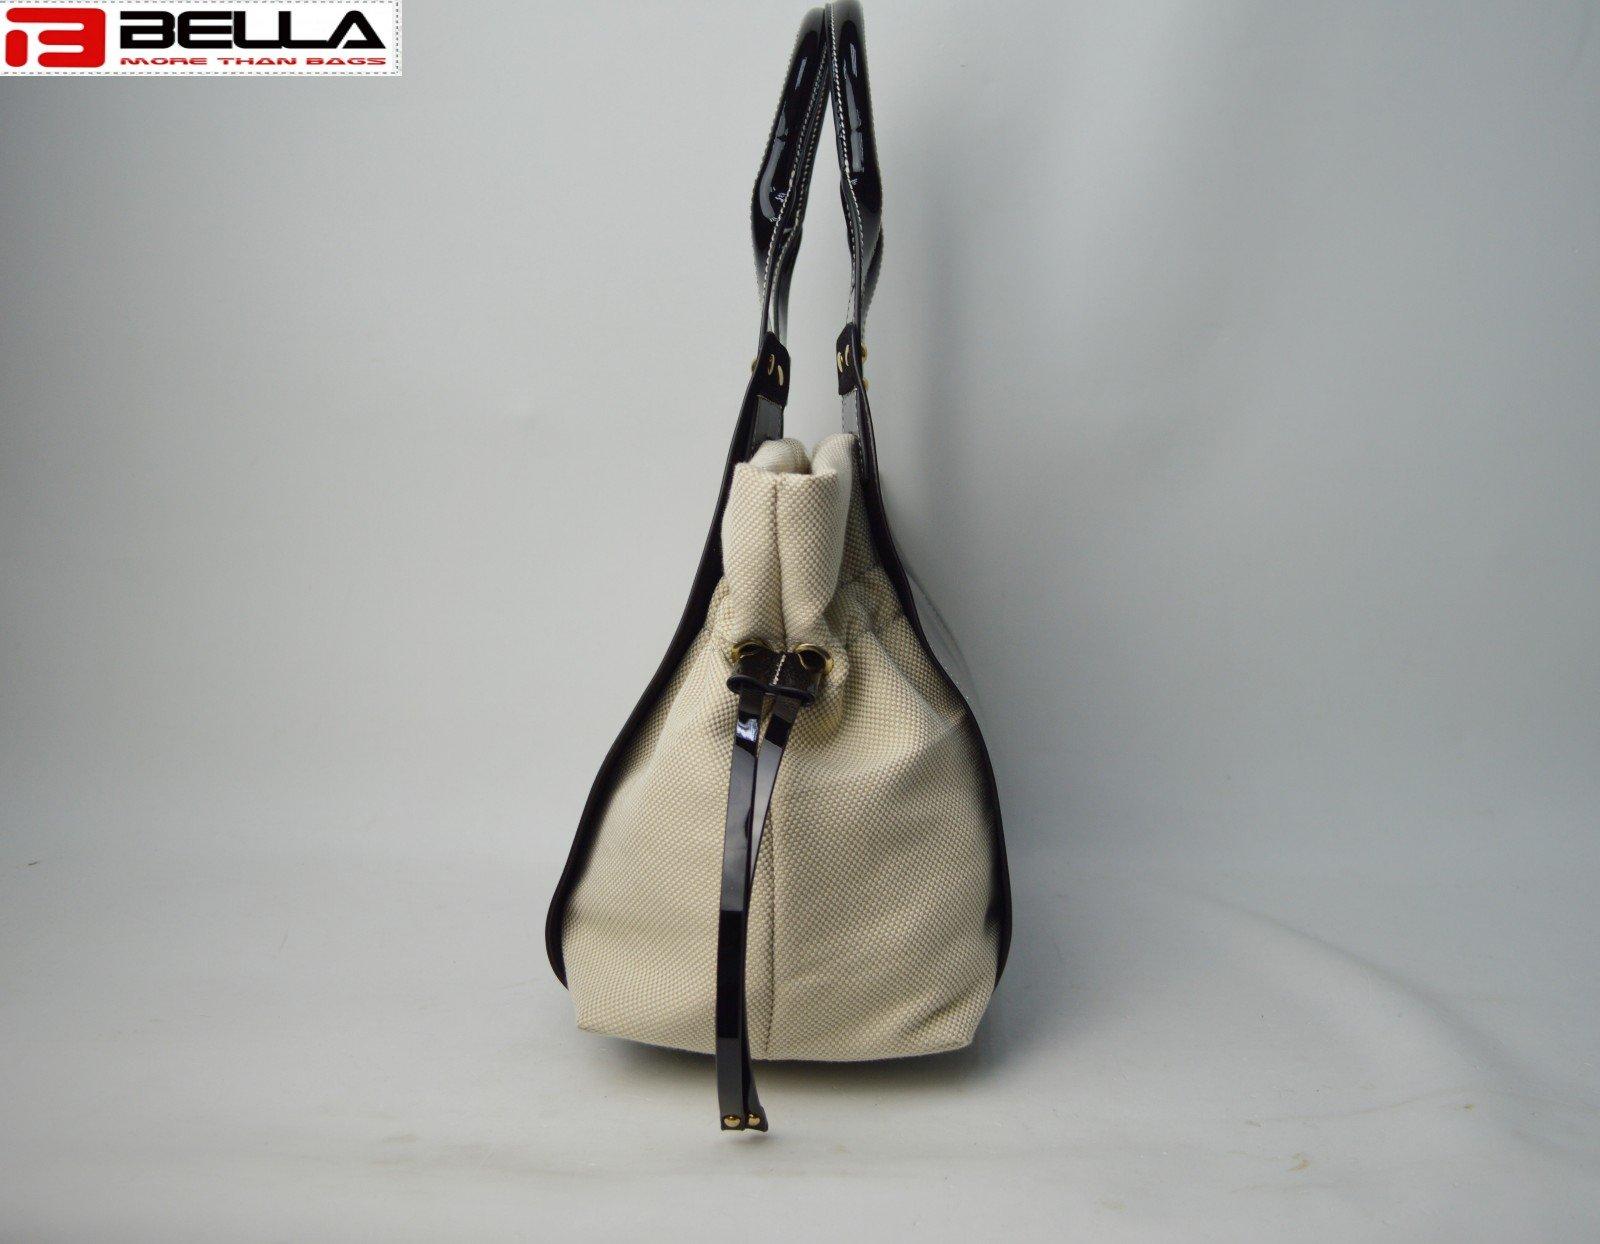 BELLA-Designer Pu And Canvas Handbag With Contrast Color 6034a-bella-8